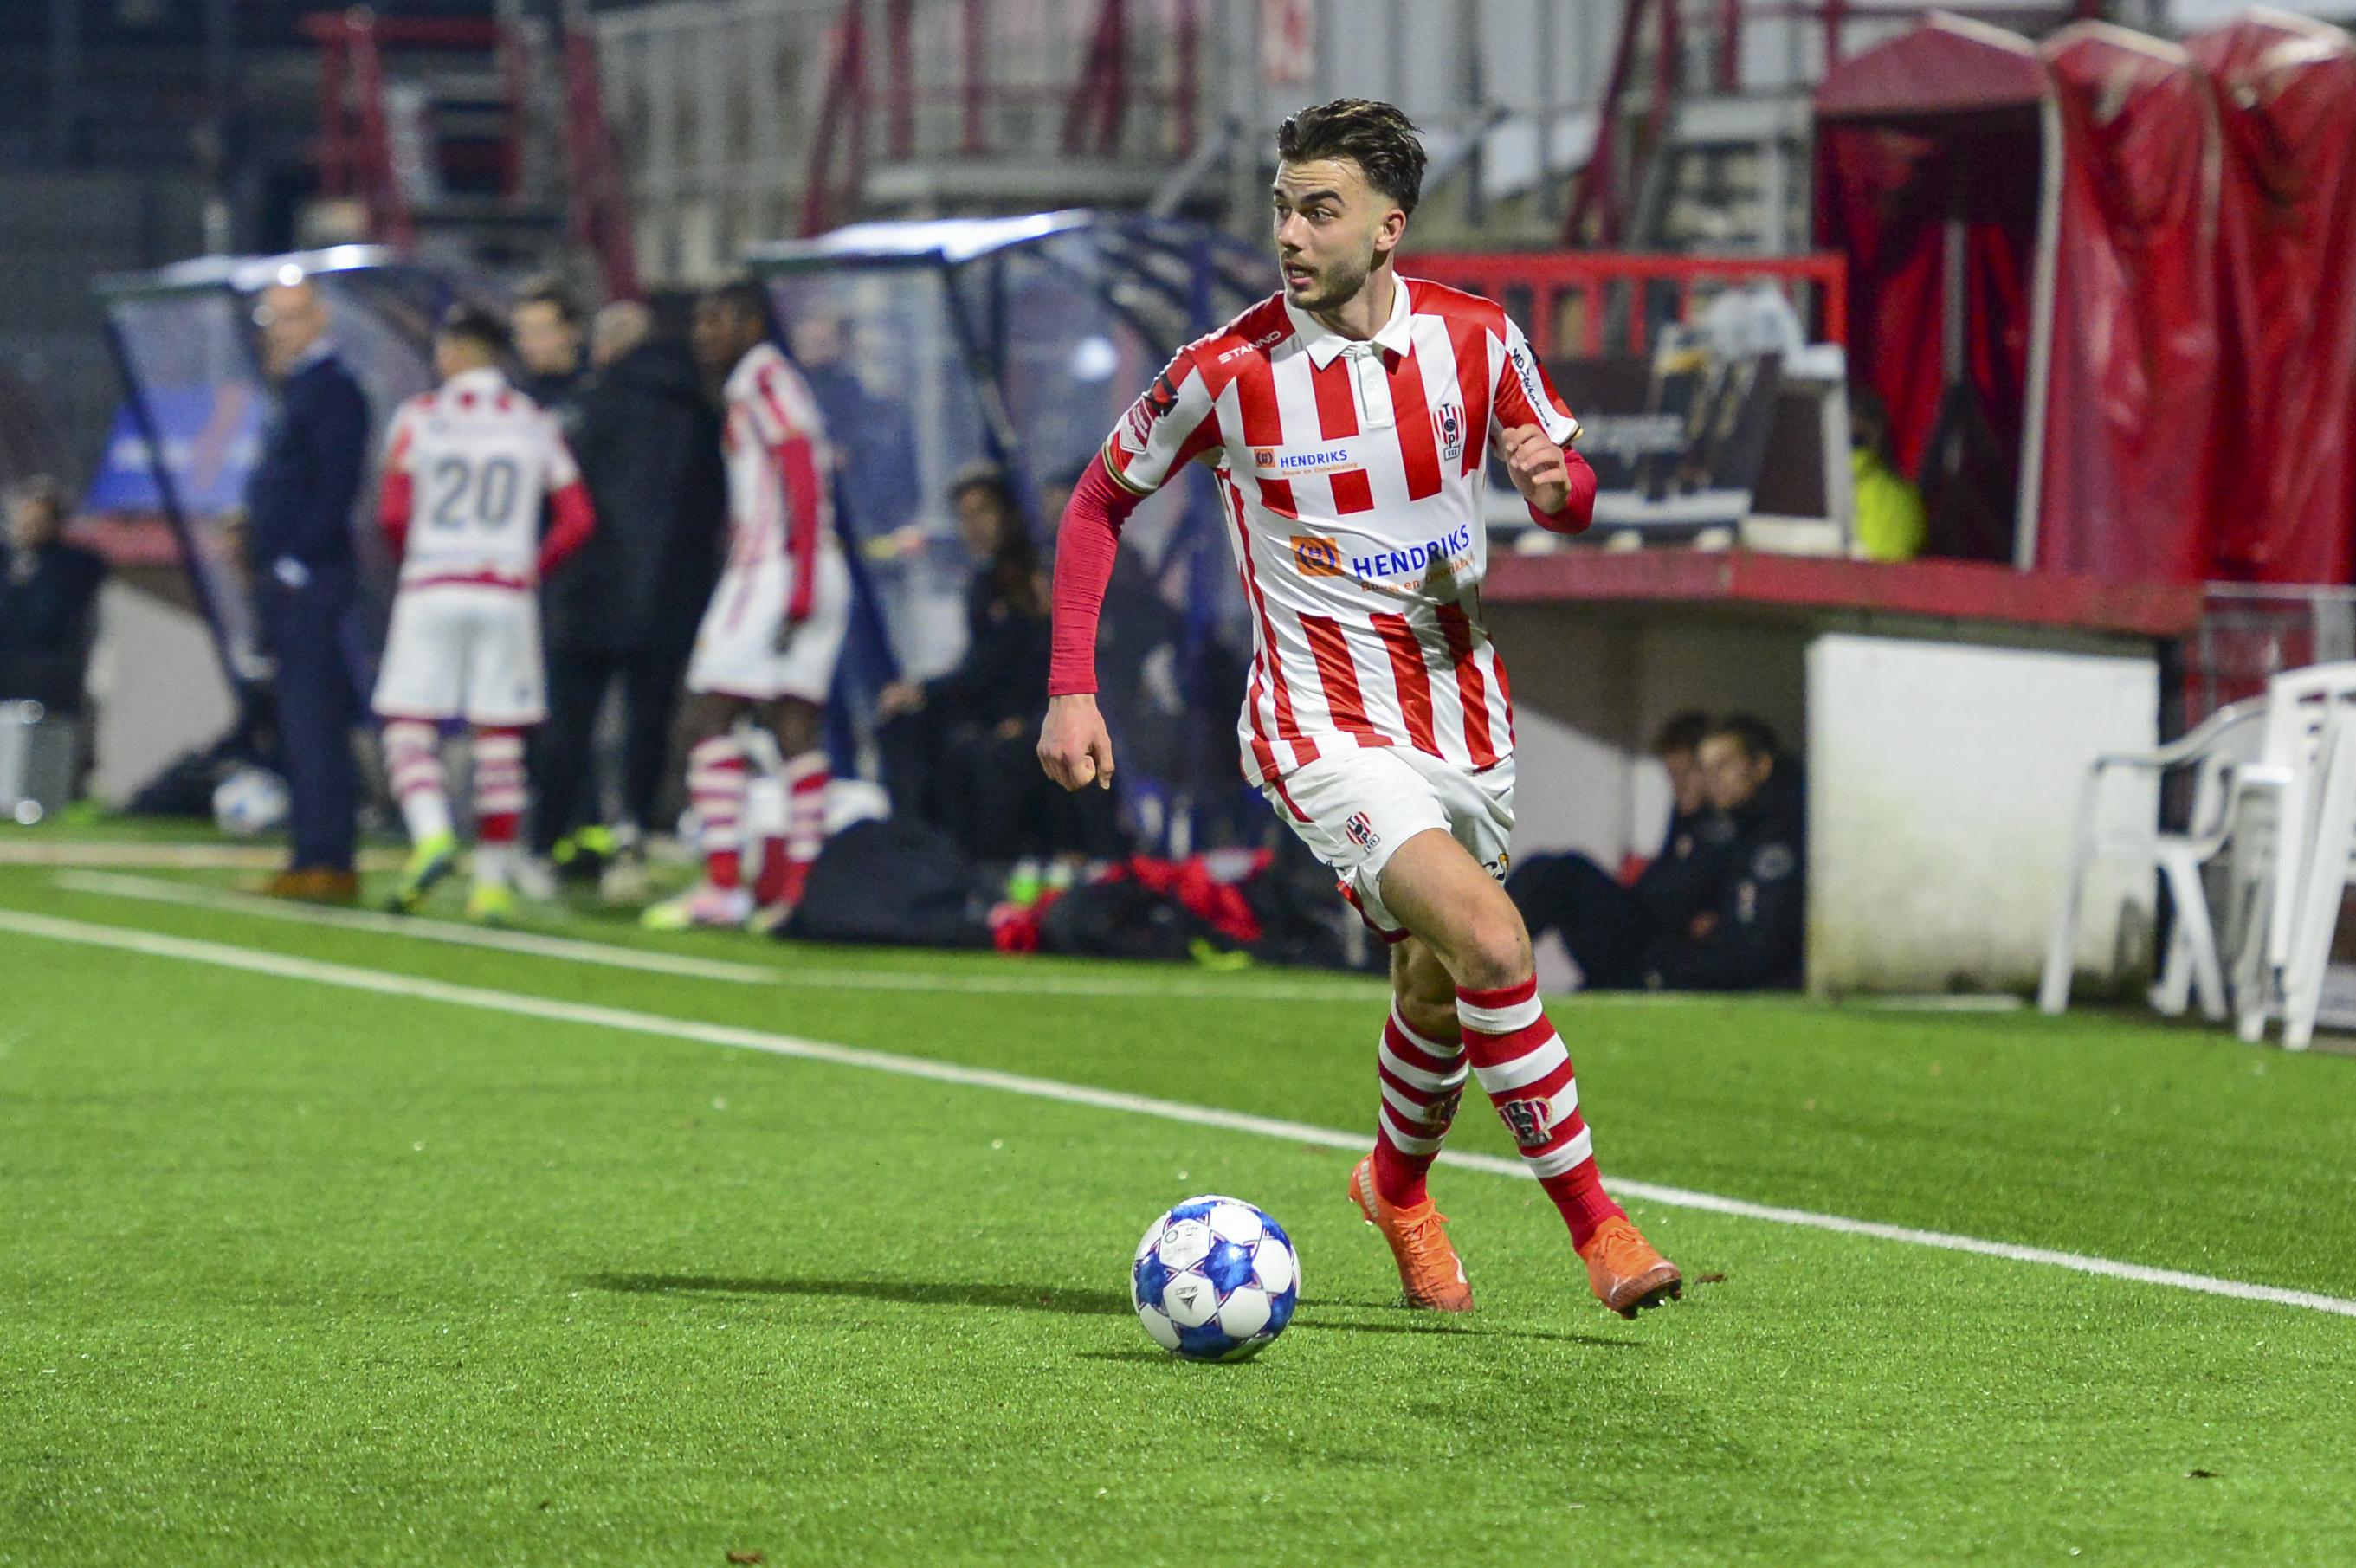 Livio Milts: Creatieve speler afkomstig uit een ware voetbalfamilie